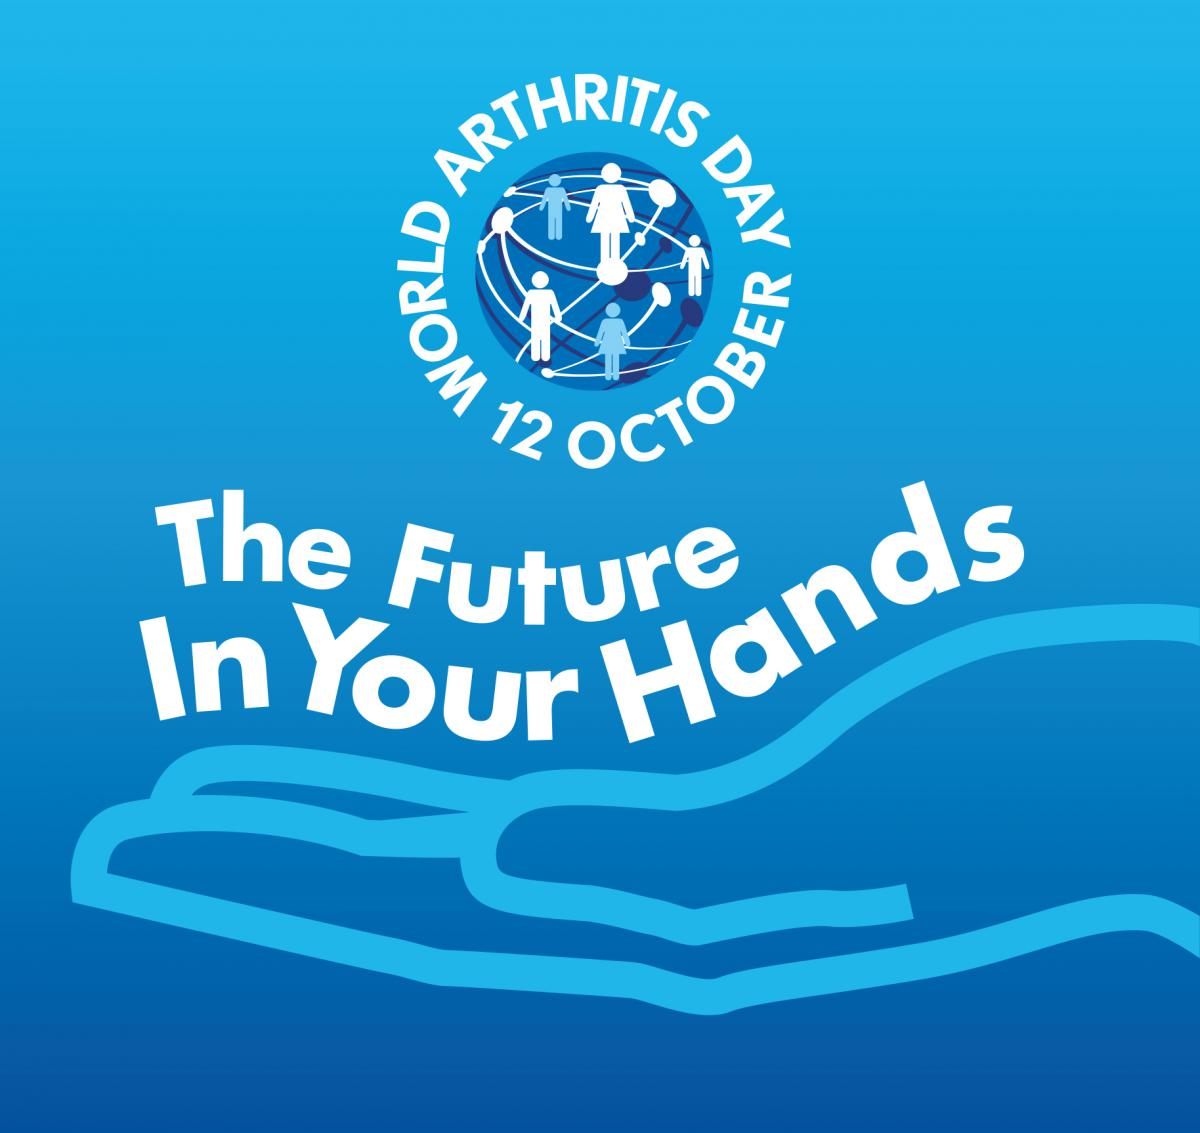 De toekomst ligt in jouw handen